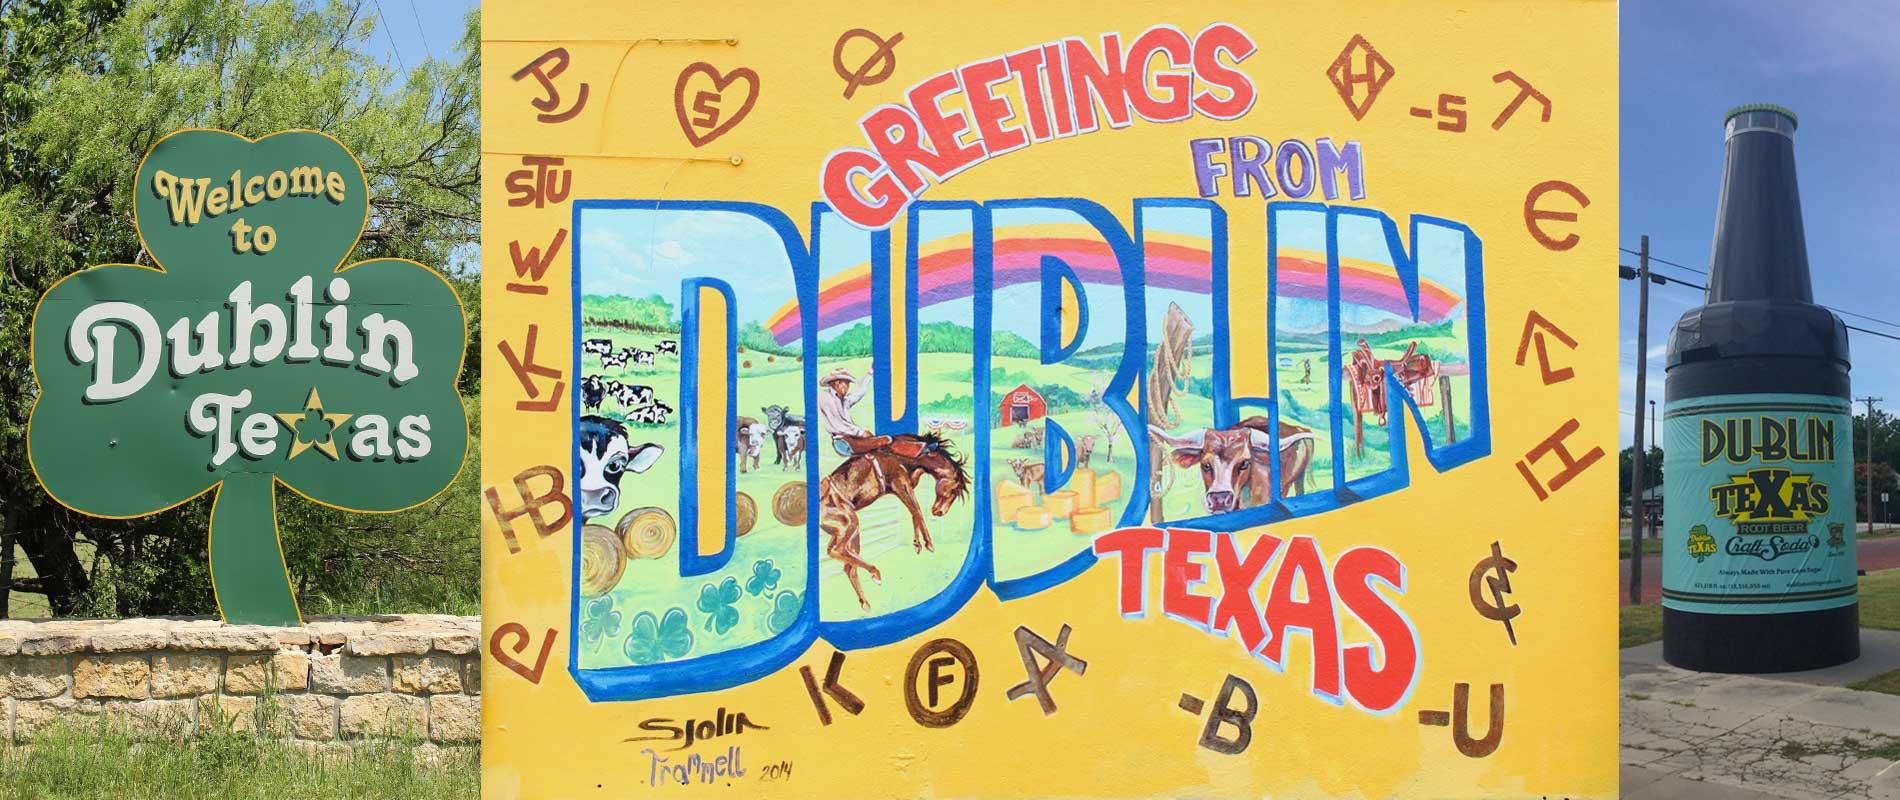 Dublin Texas Slider Image